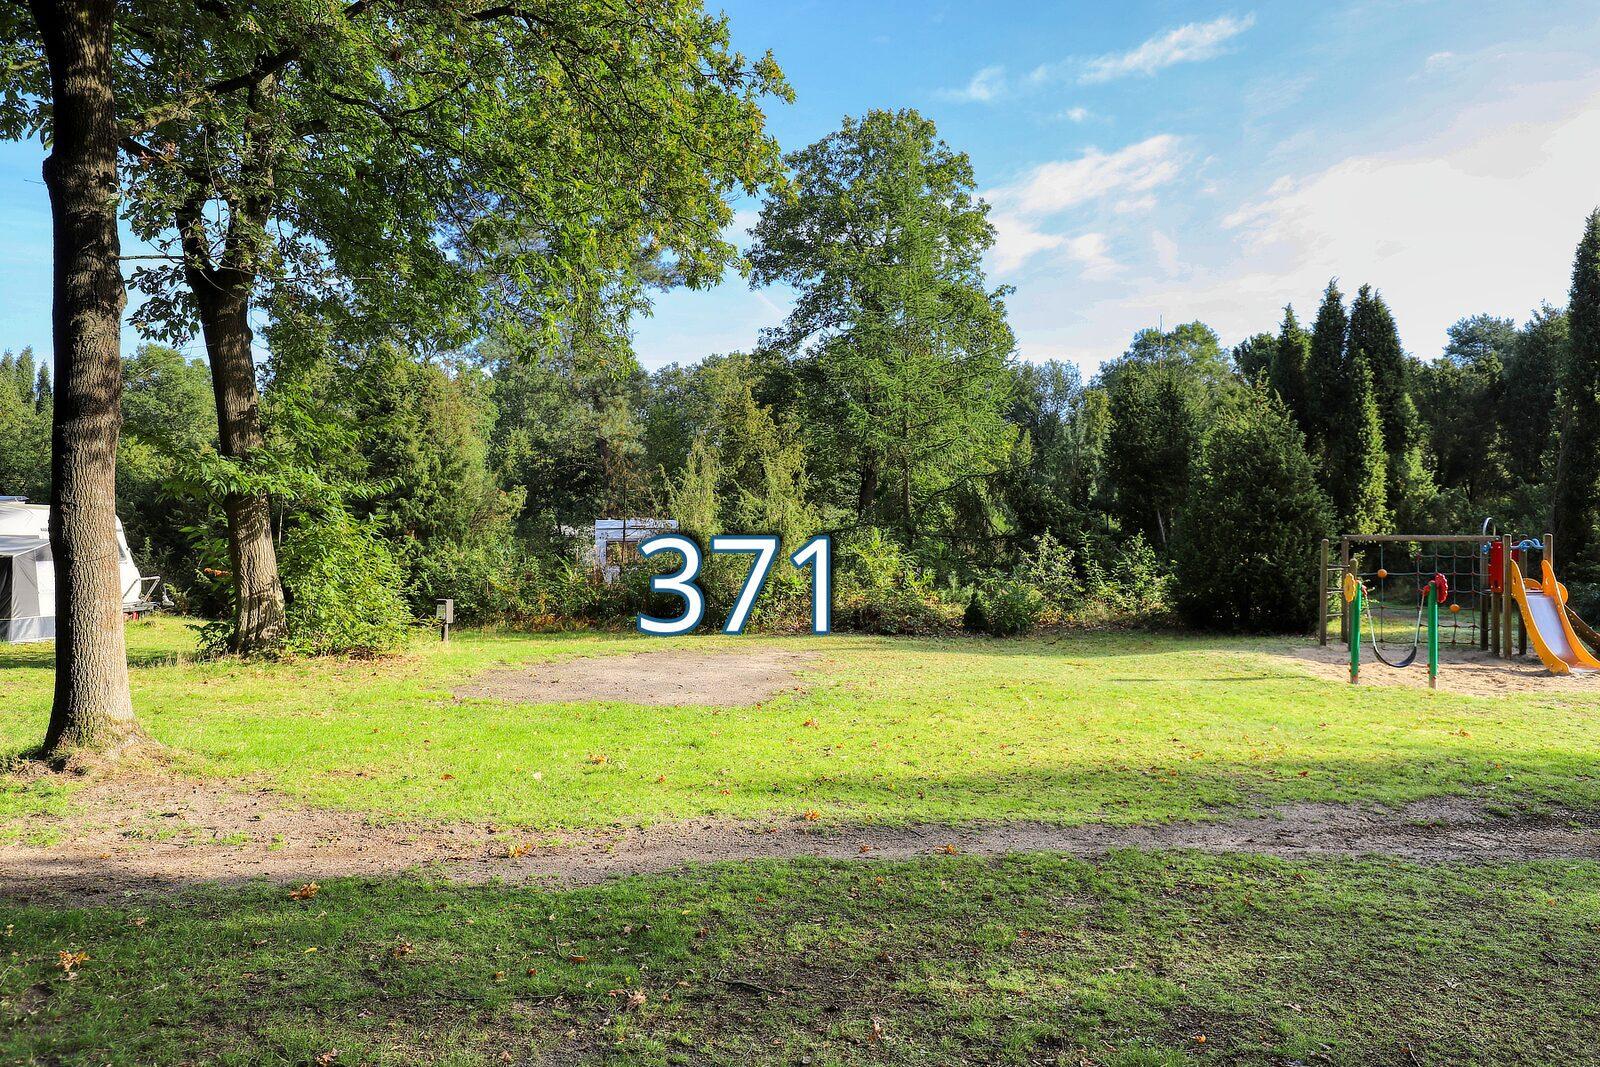 houtduif 371